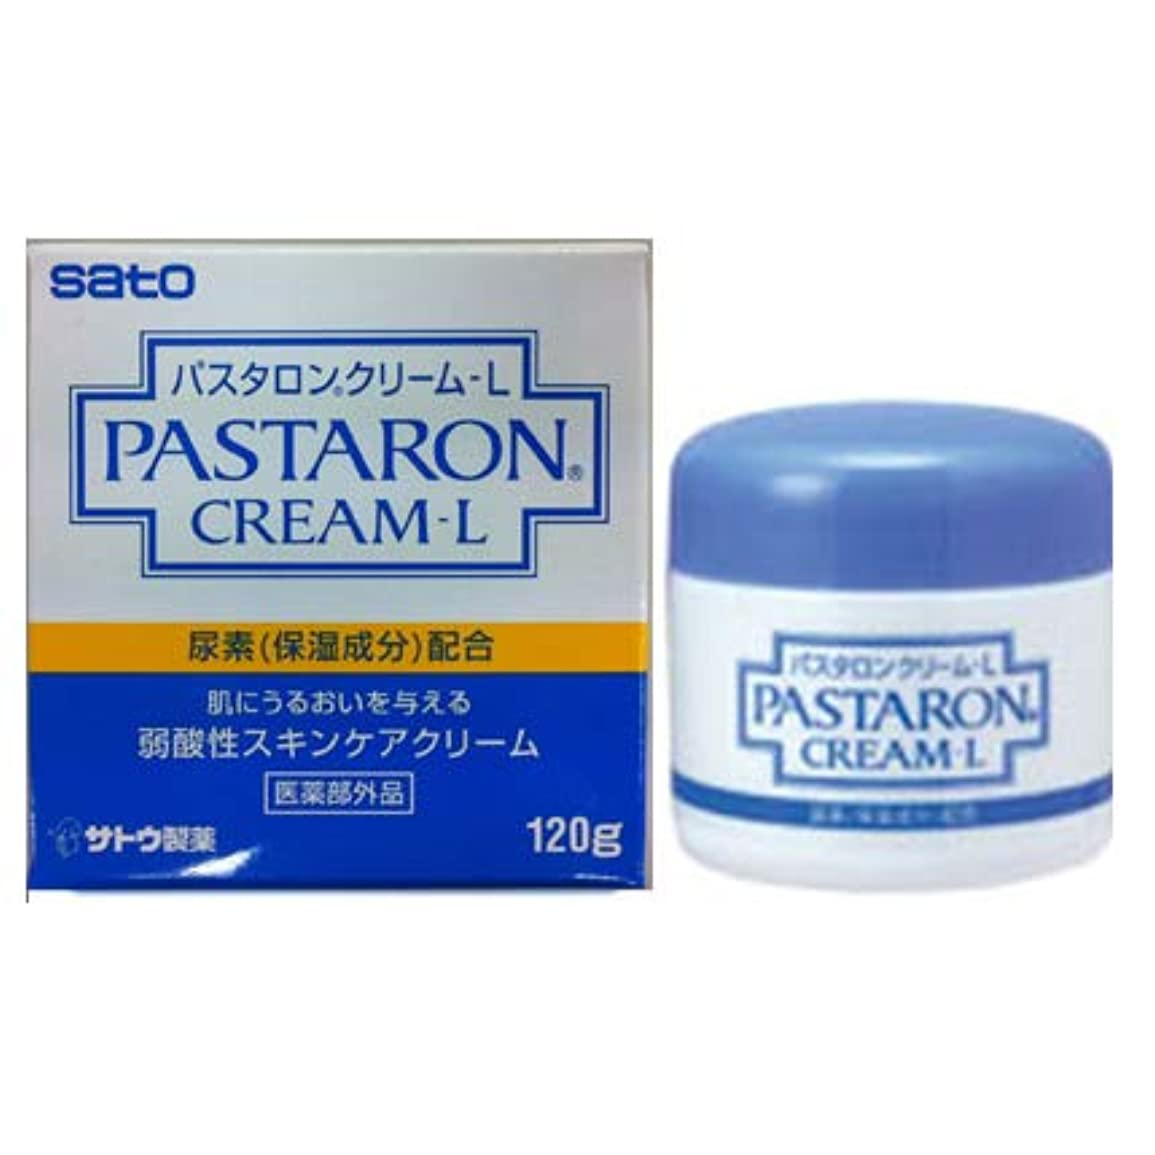 め言葉合併症確かにパスタロンクリームL 120g×4個セット【医薬部外品】